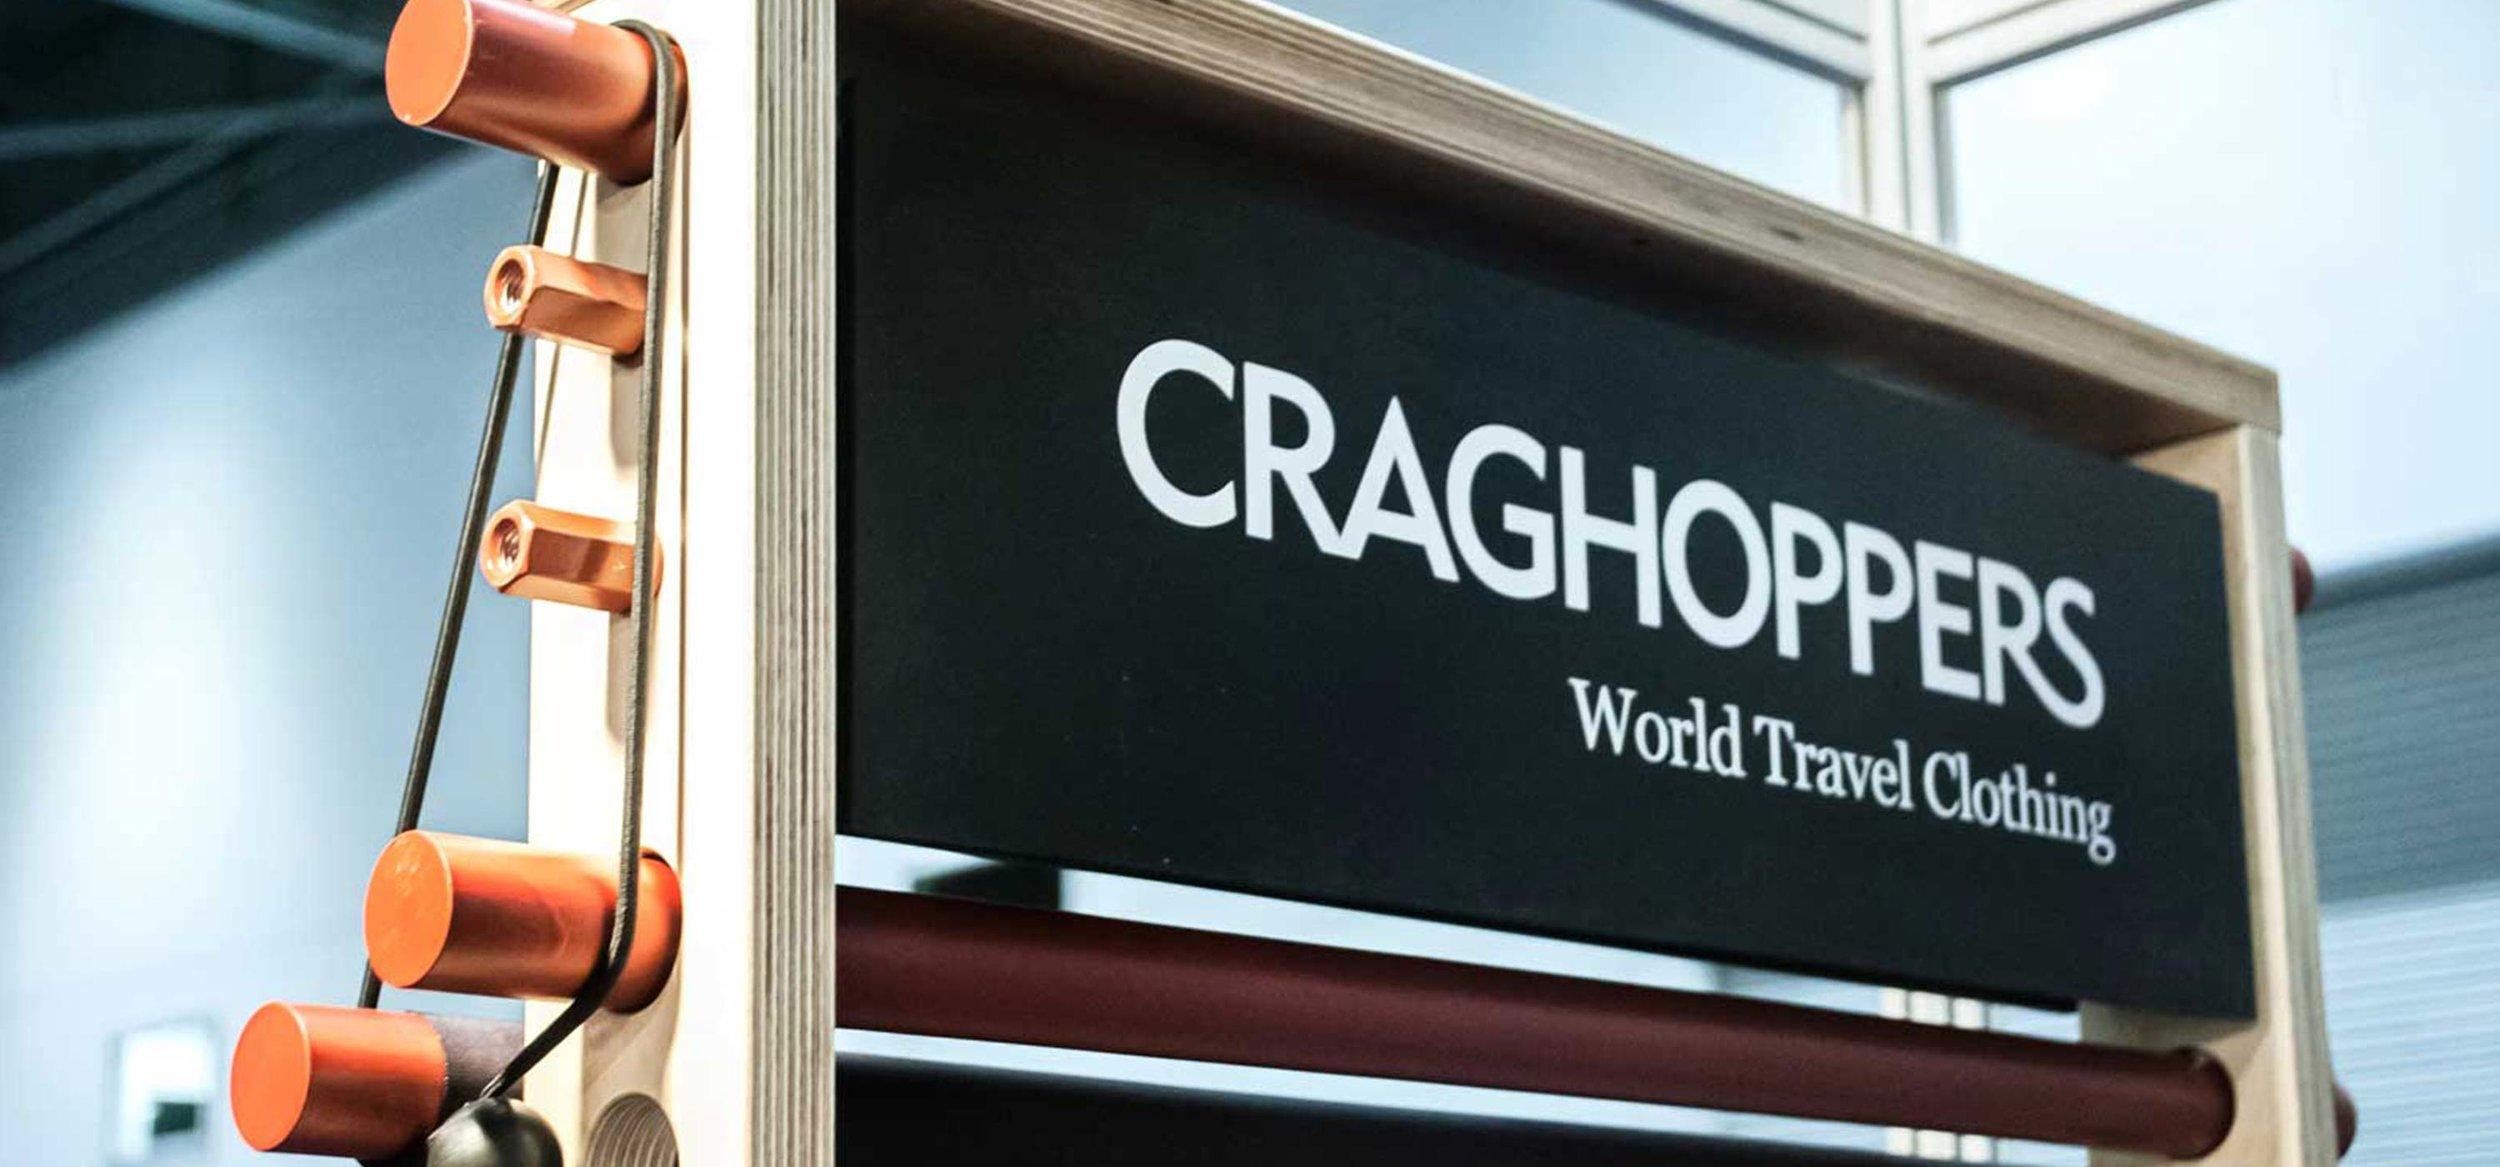 Craghoppers-hero-2019.jpg